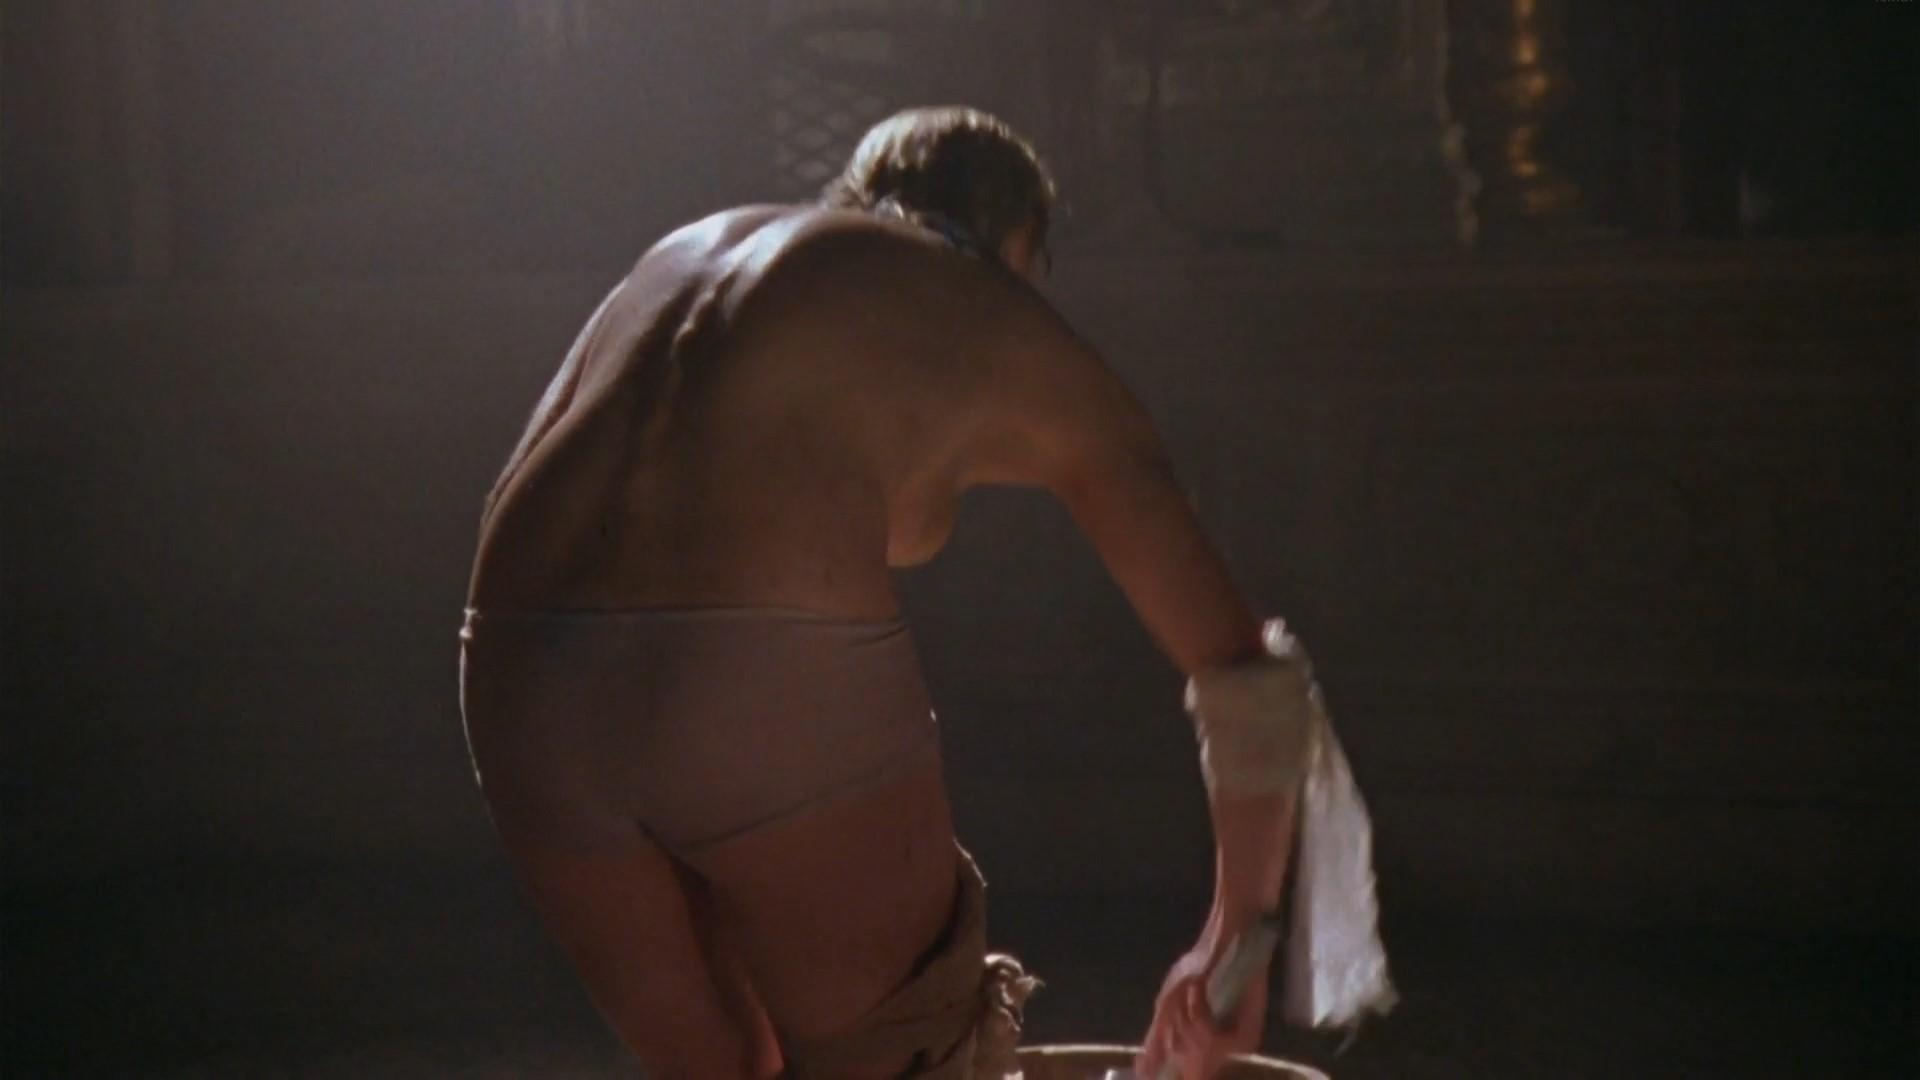 Naked oil wrestling gif